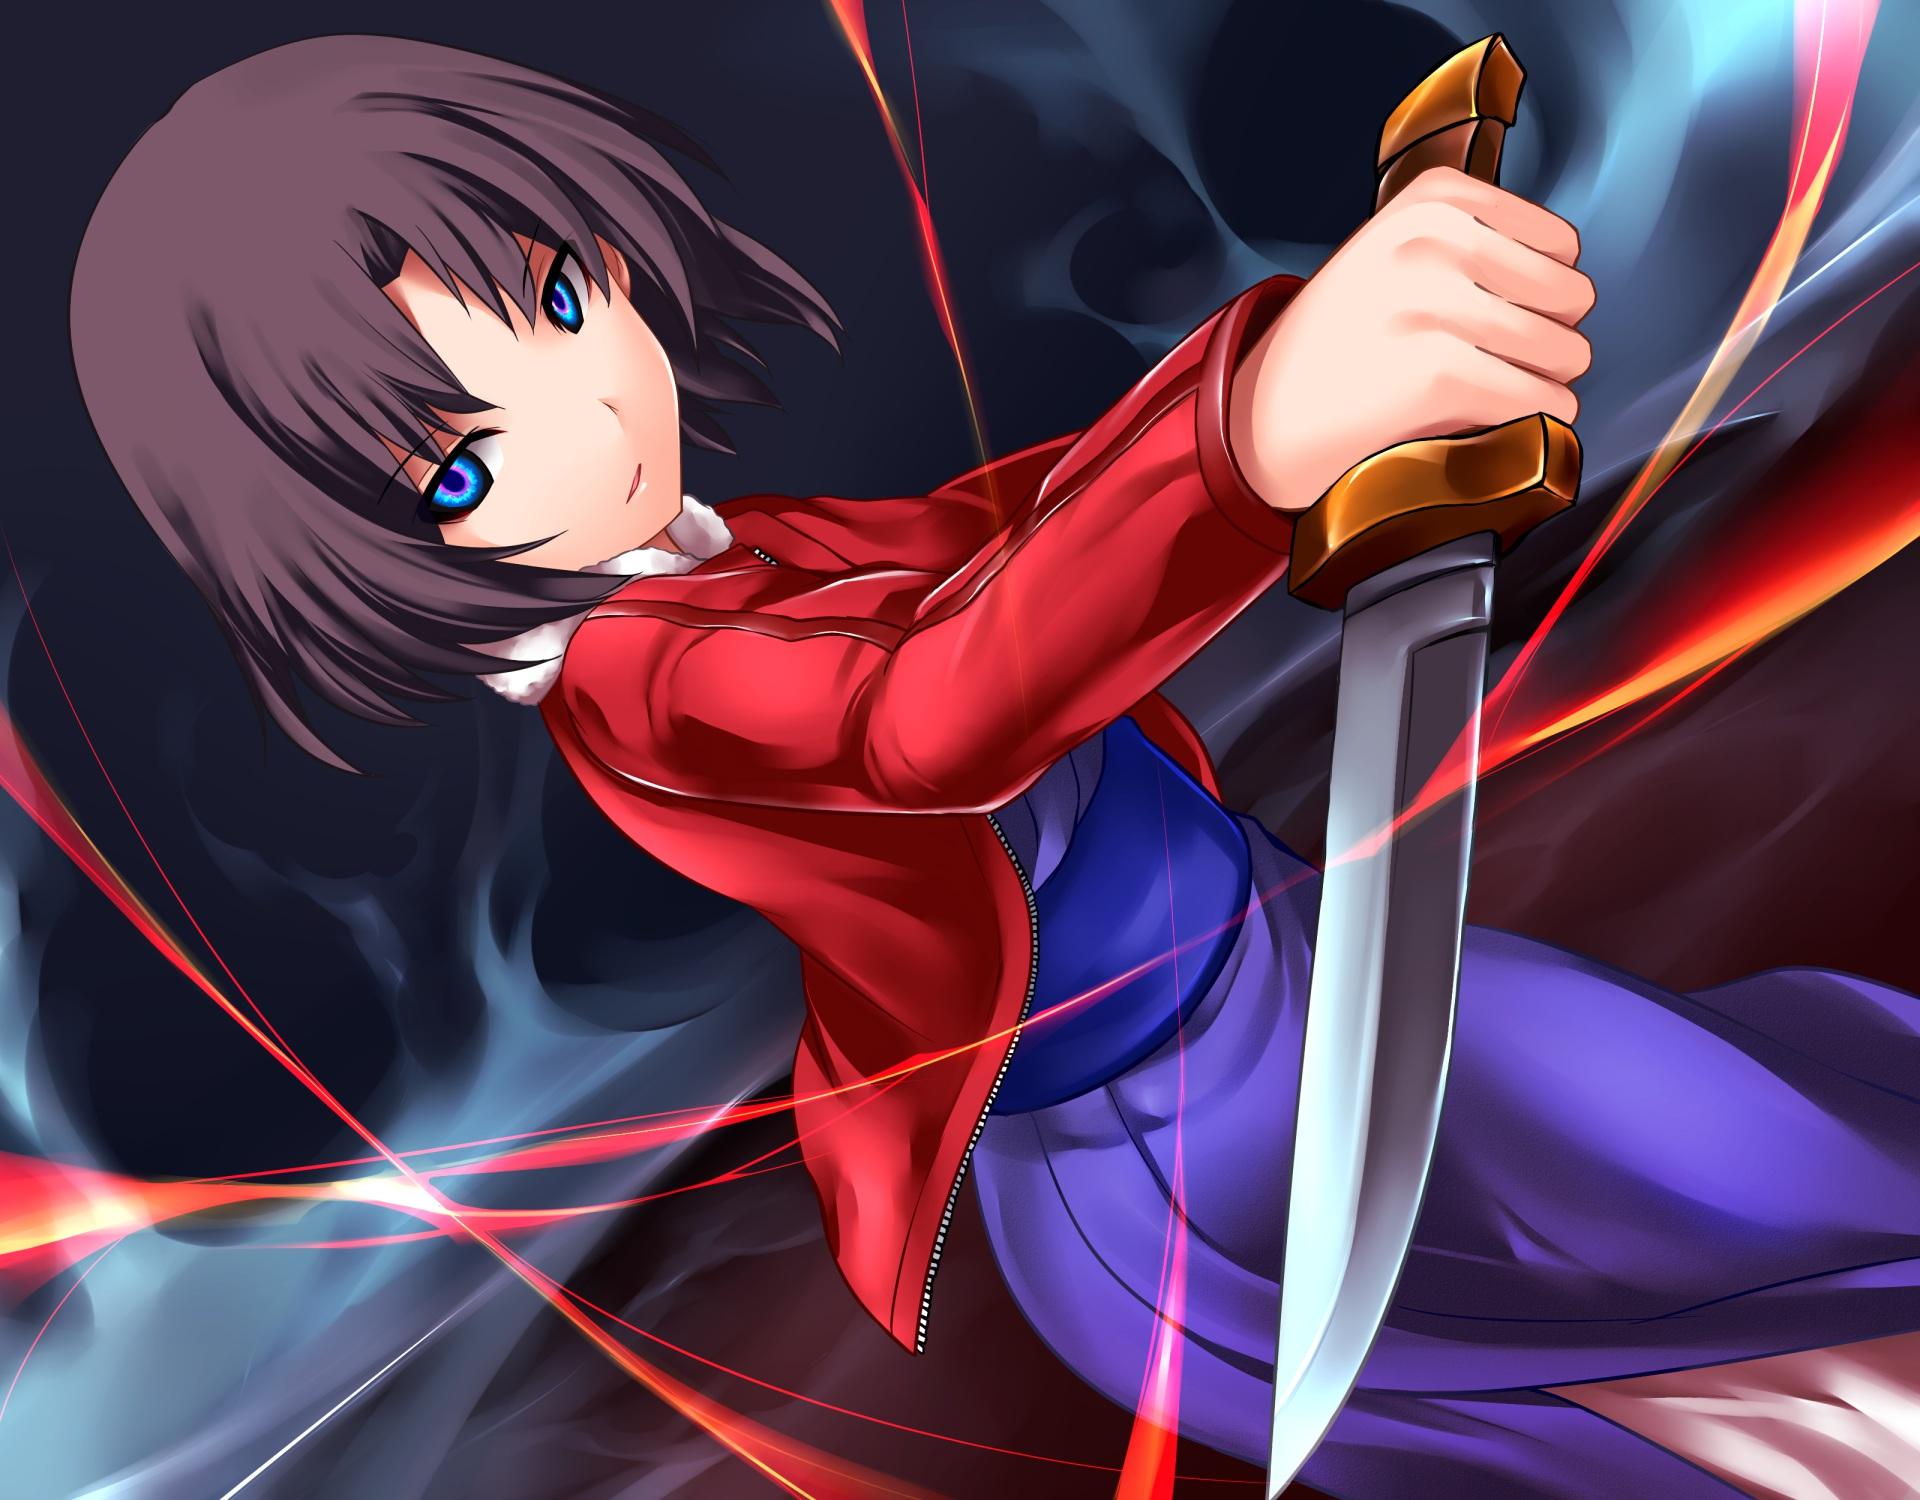 ryougi shiki weapons knife - photo #2